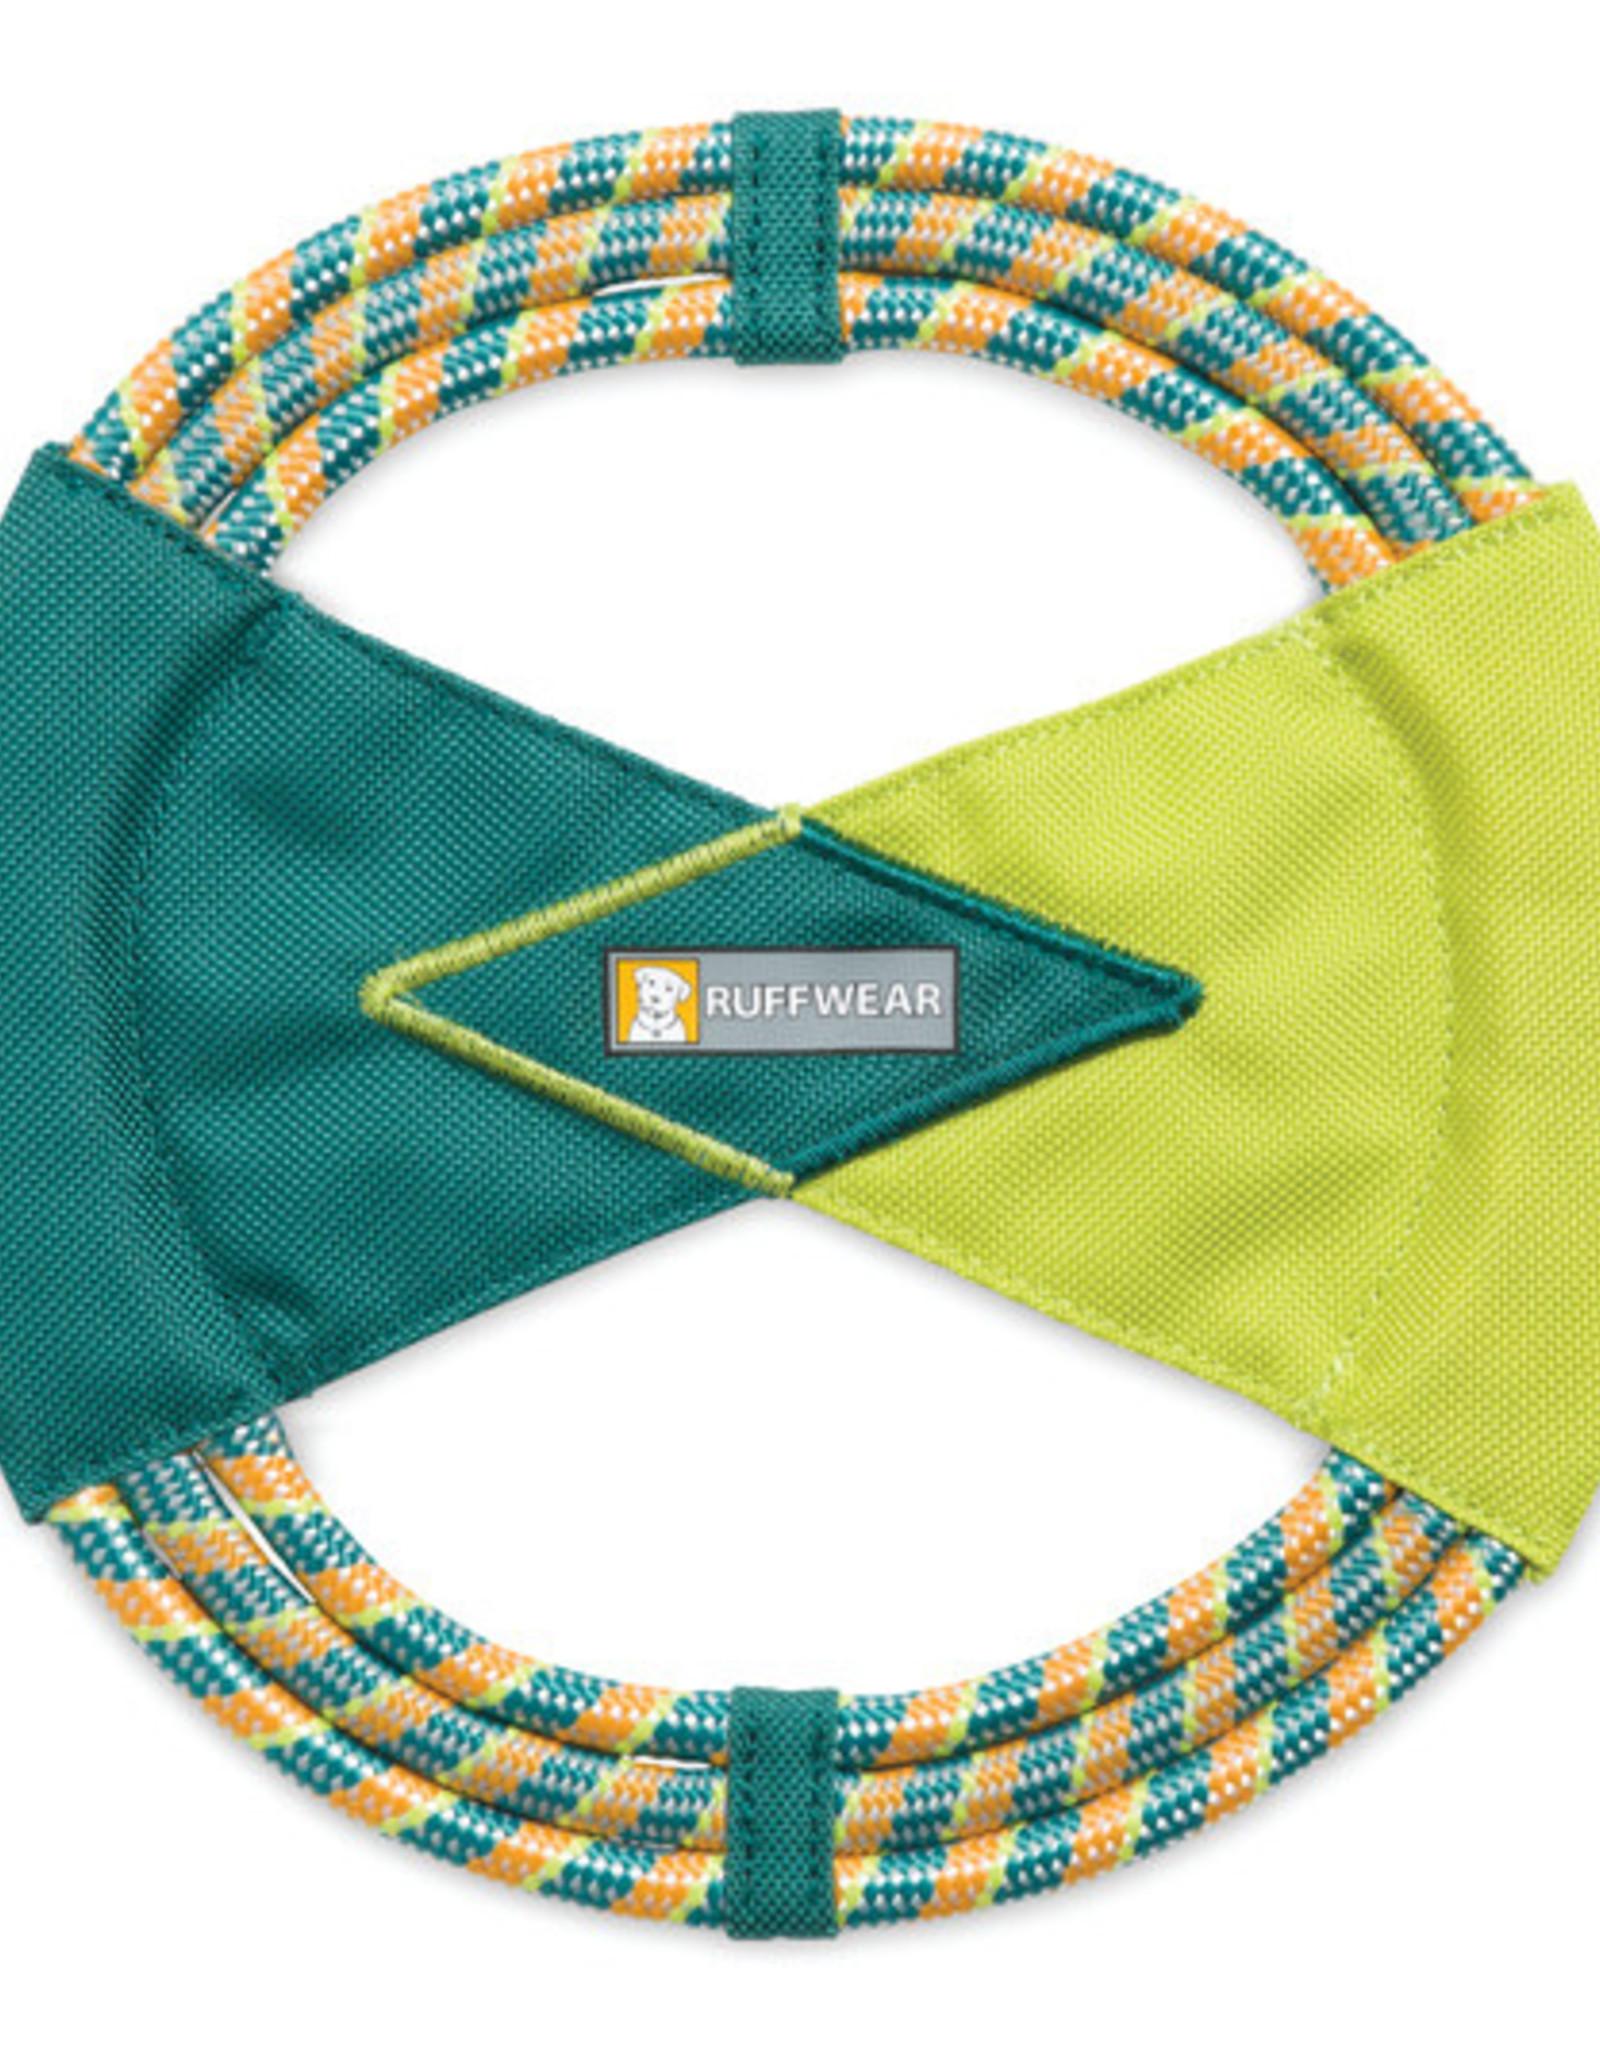 Ruffwear Pacific Ring Teal